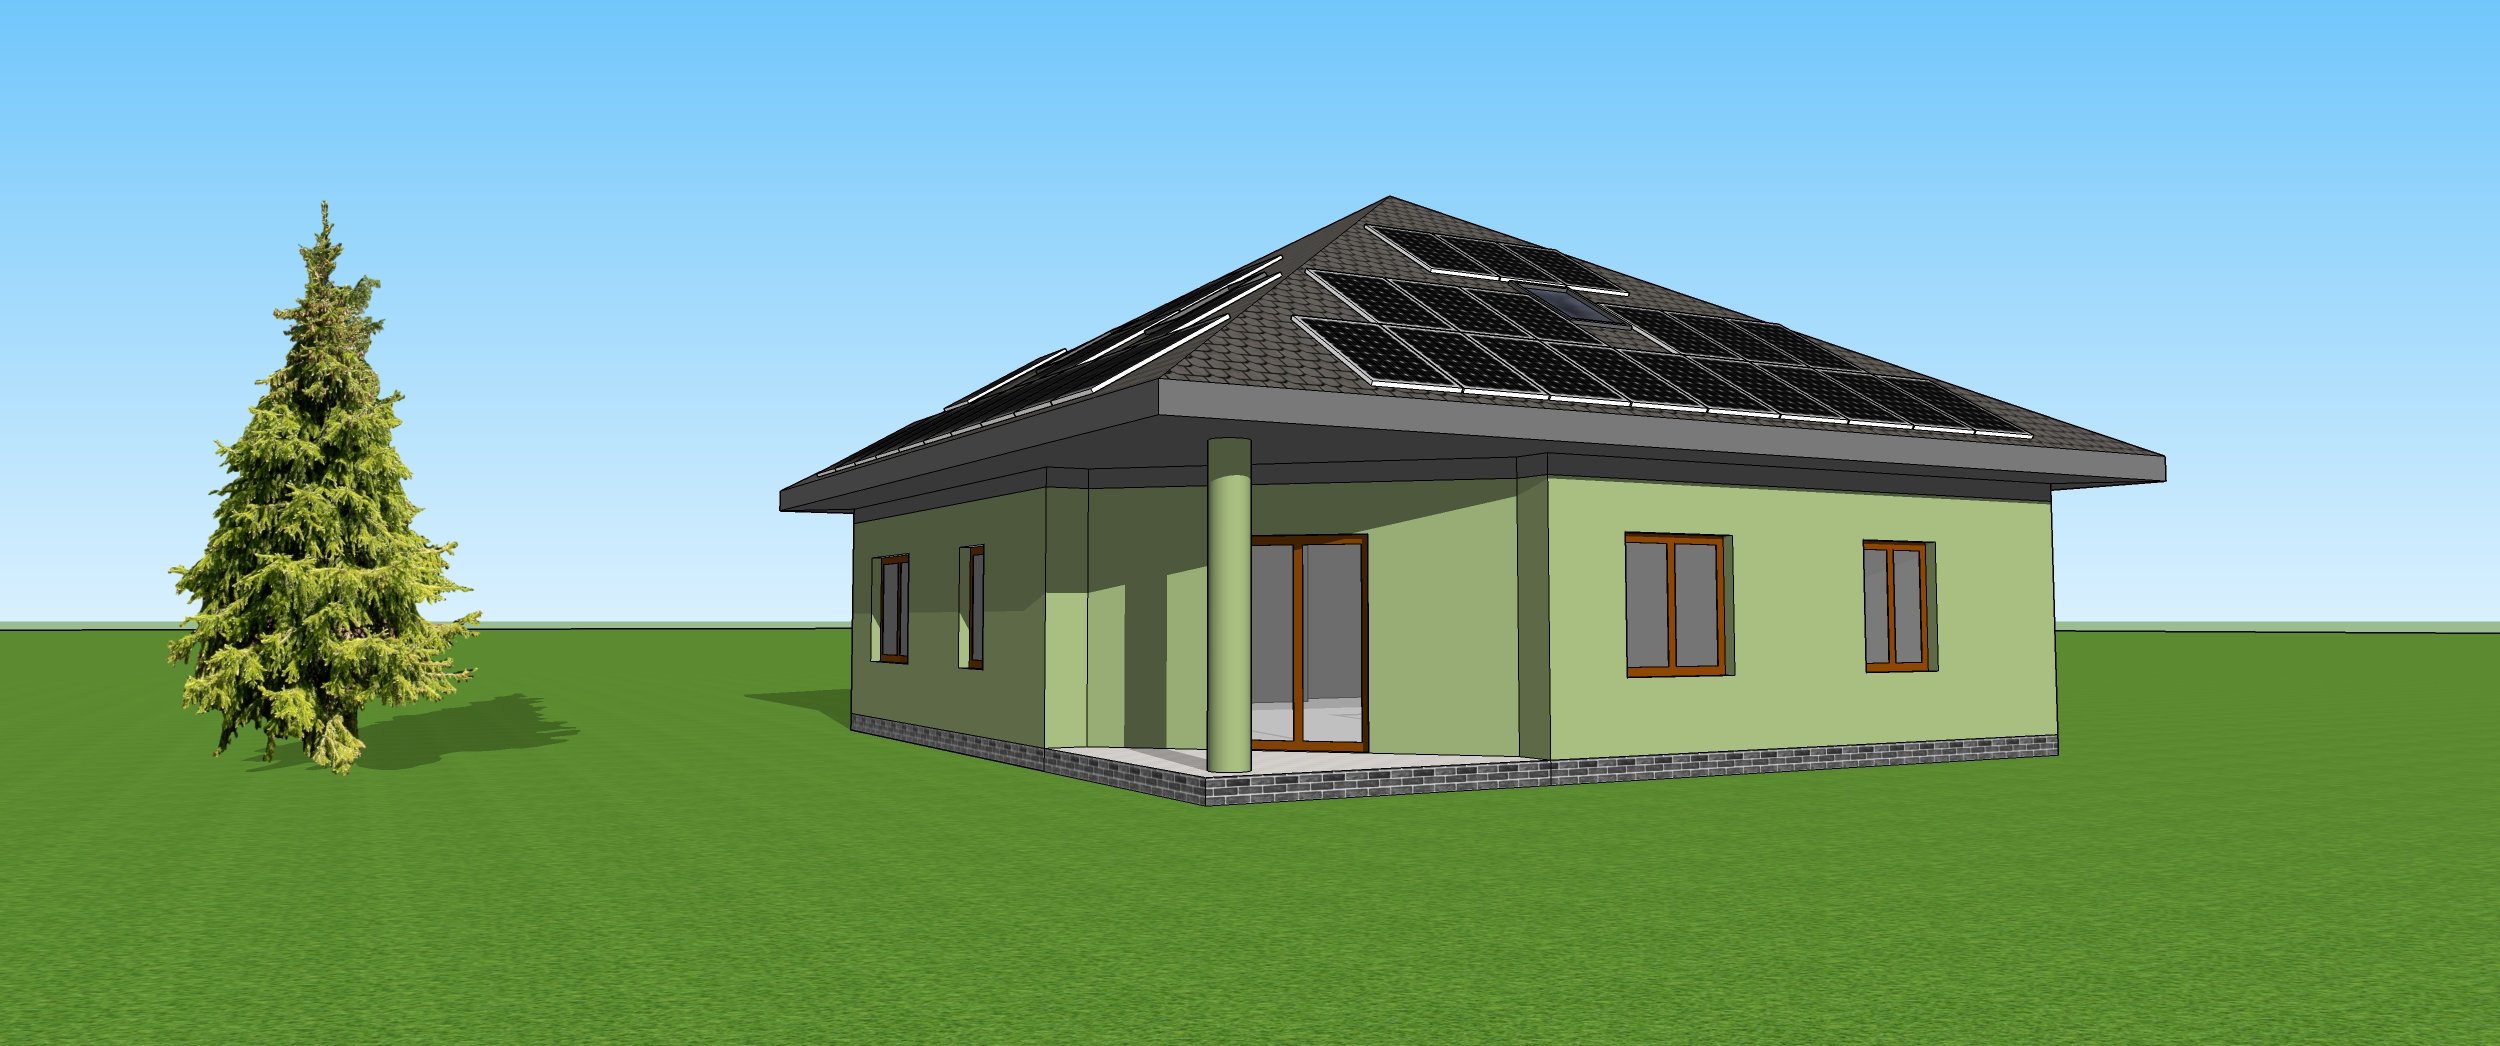 Wizualizacja domku z dachem czteropadowym